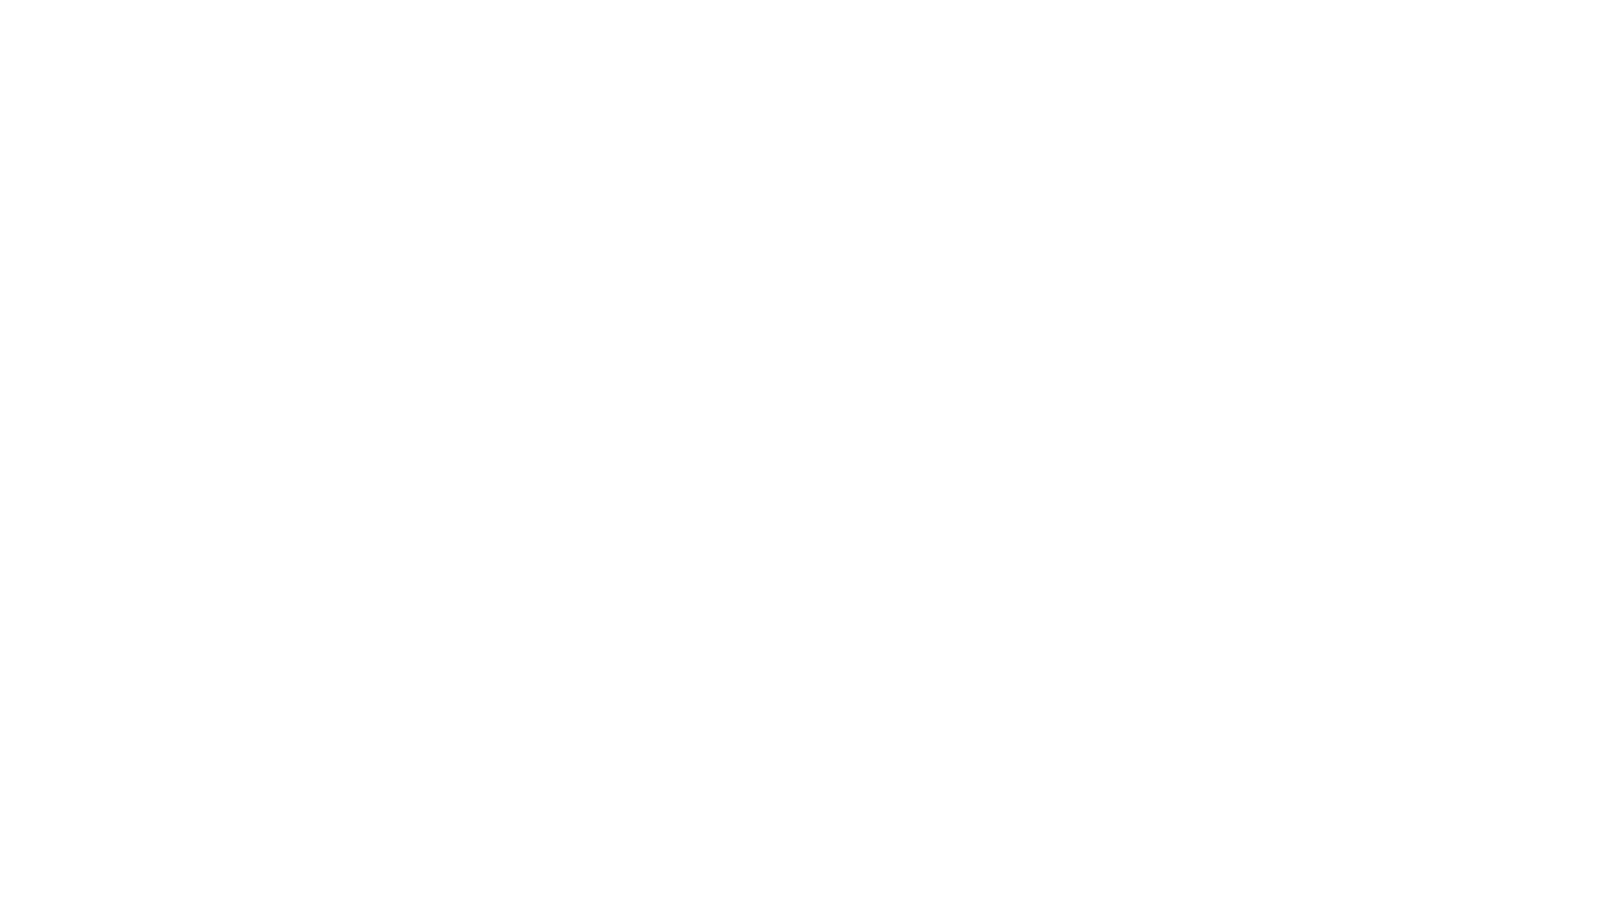 A liderança de Amorim é uma viagem inesquecível às consequências do comportamento humano, em pleno laboratório feito de quatro linhas e um conjunto de aprendizagens que nos podem conduzir também a cada um, onde vão todos os que querem integrar o 3-4-3 do treinador leonino, rumo a um caminho que se pretende de sucesso!